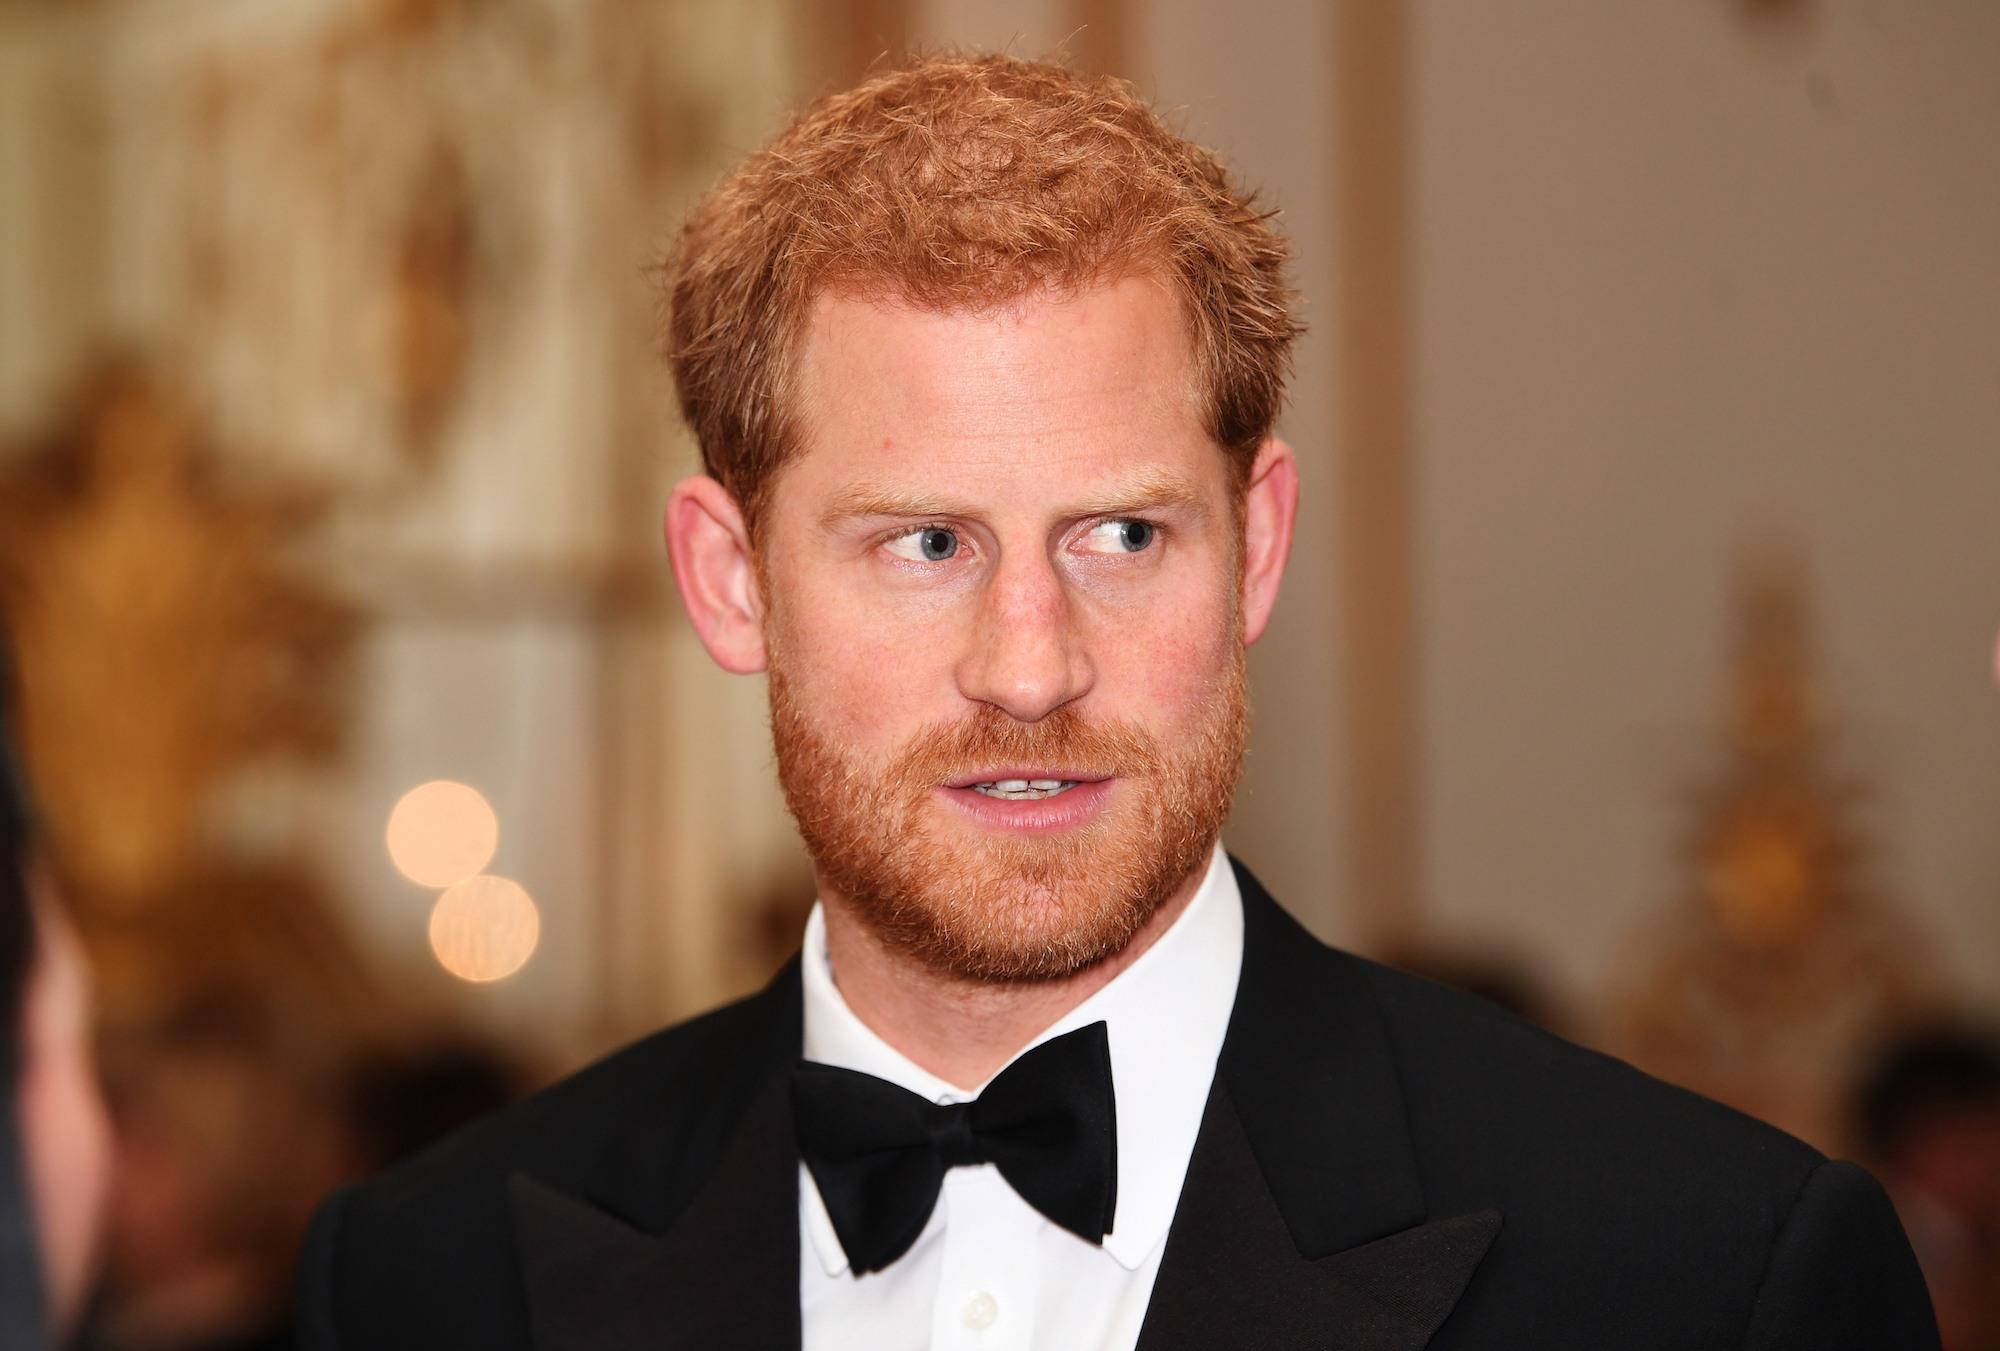 Prince Harry attends 100 Women in Finance Gala Dinner